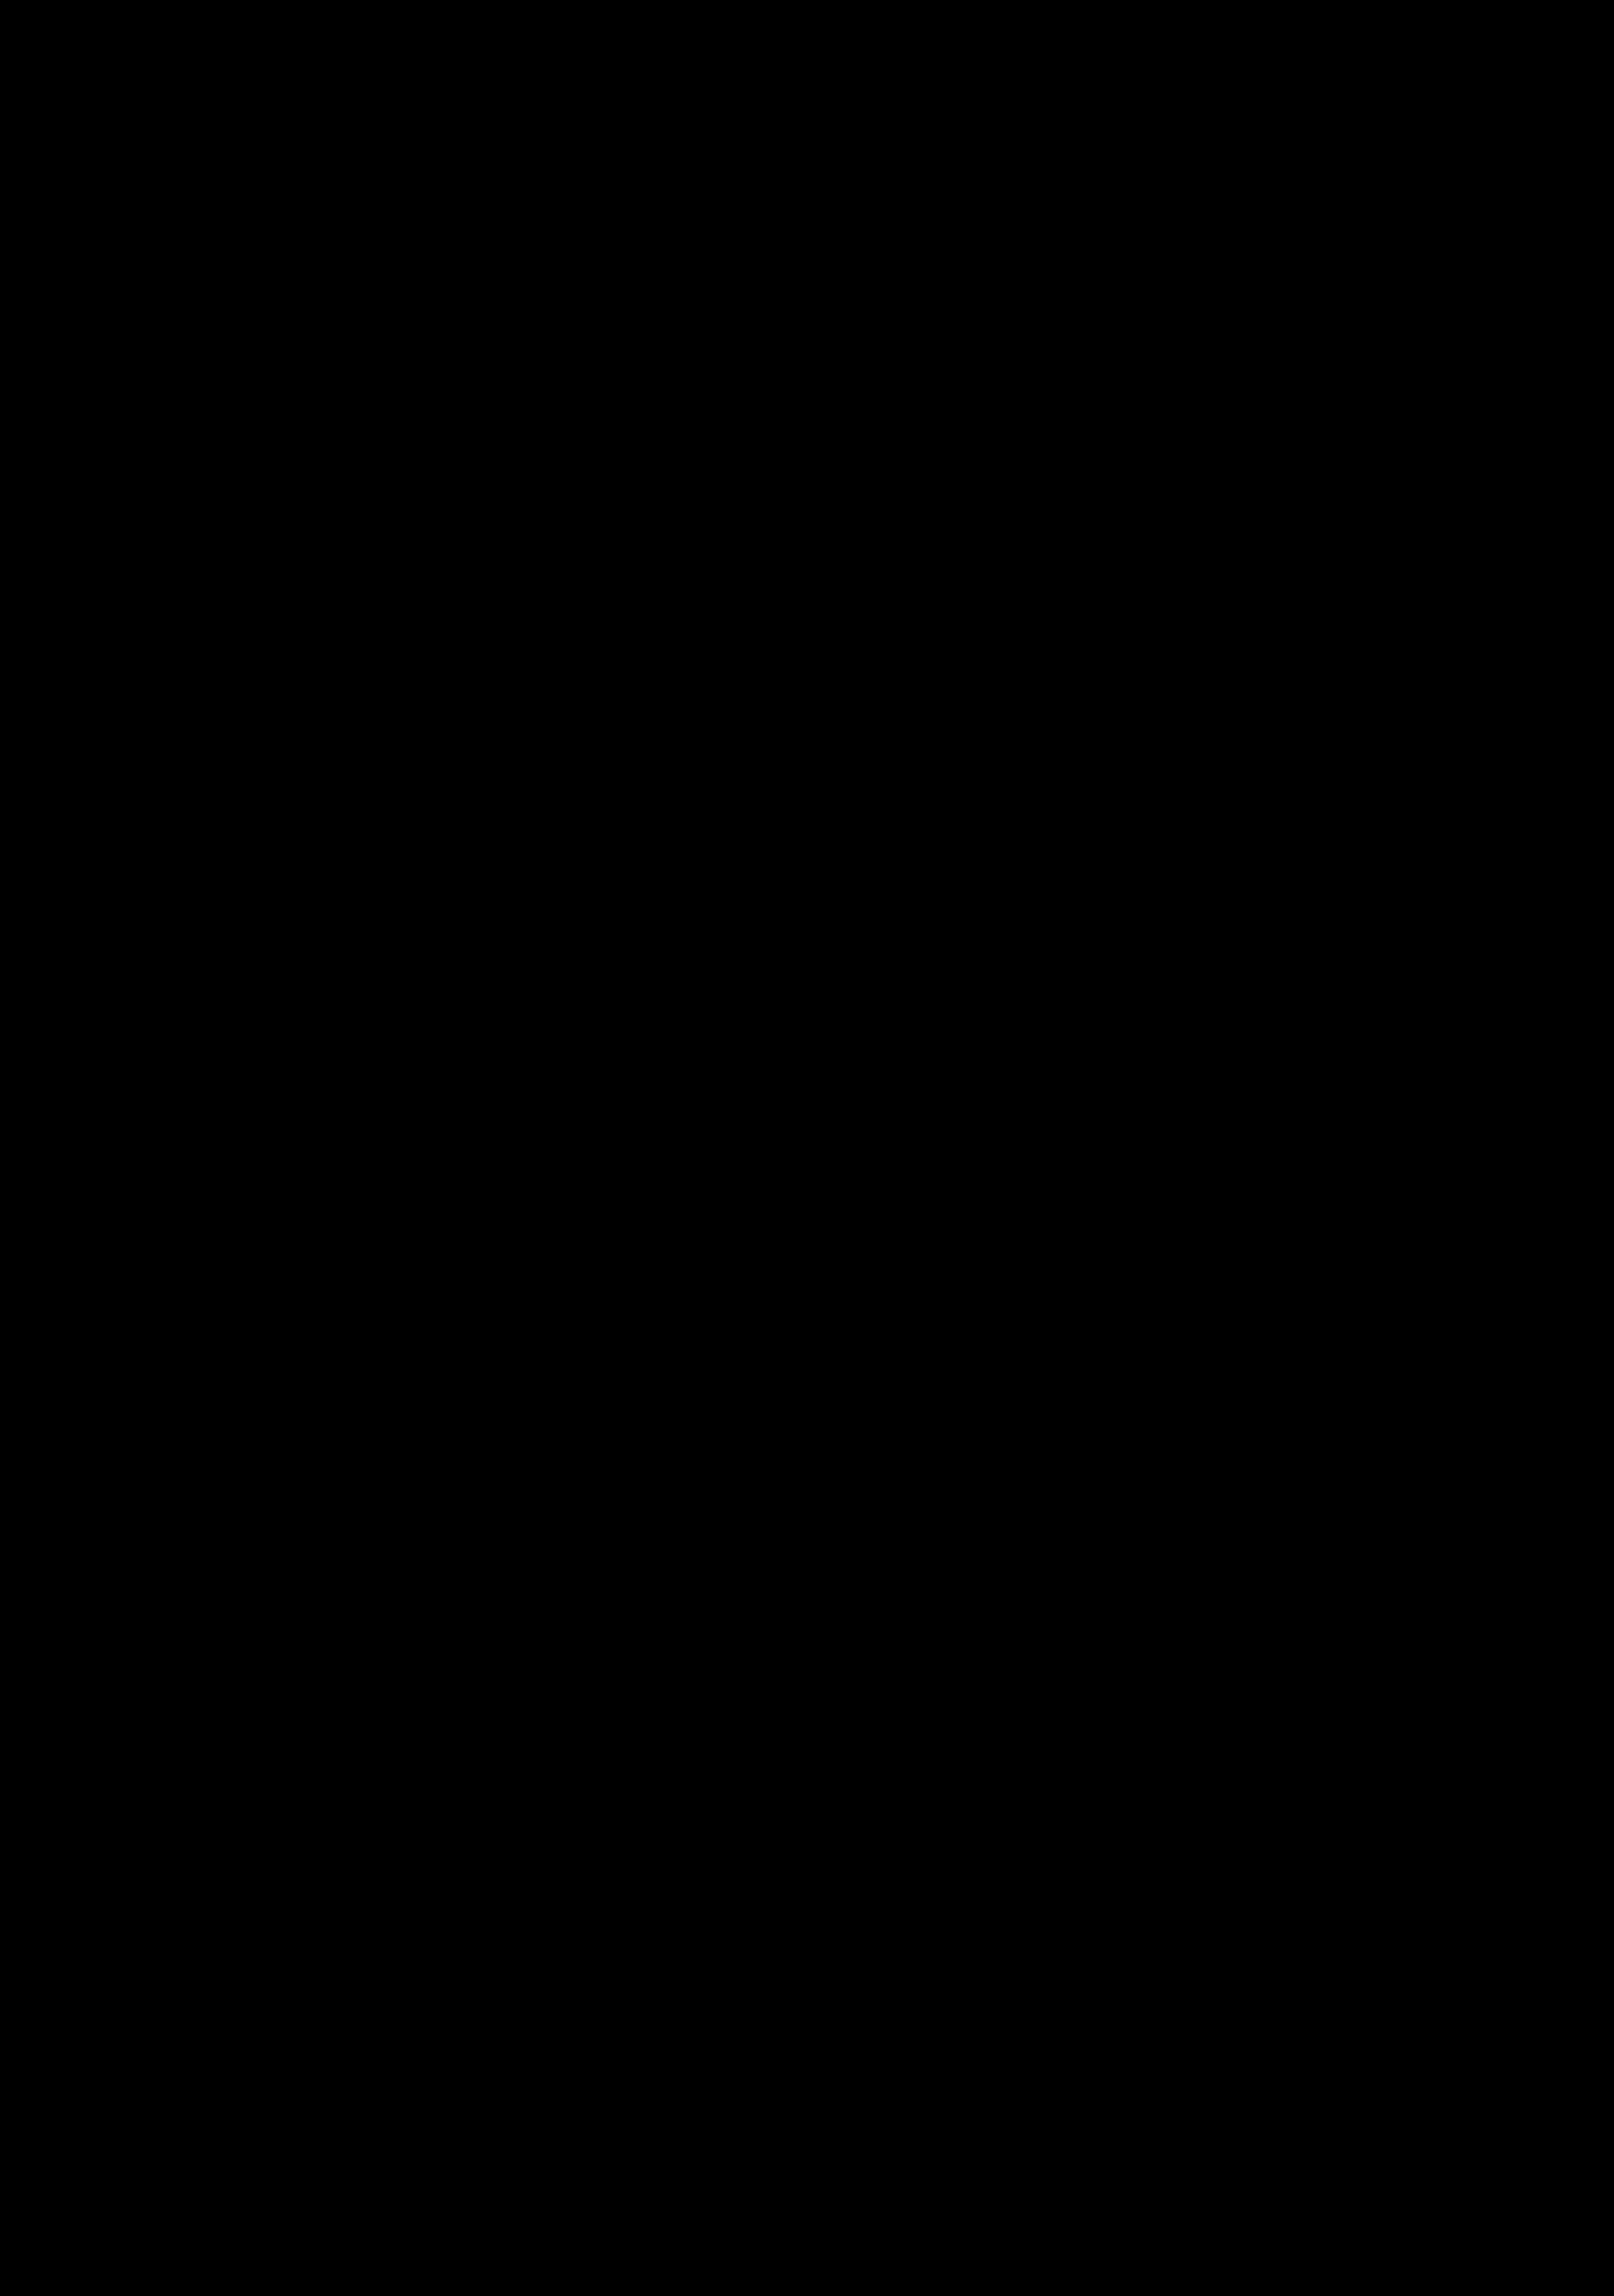 Technische Richtlinien des Glaserhandwerks Nr. 9 Bundesinnungsverband d. Gl ...